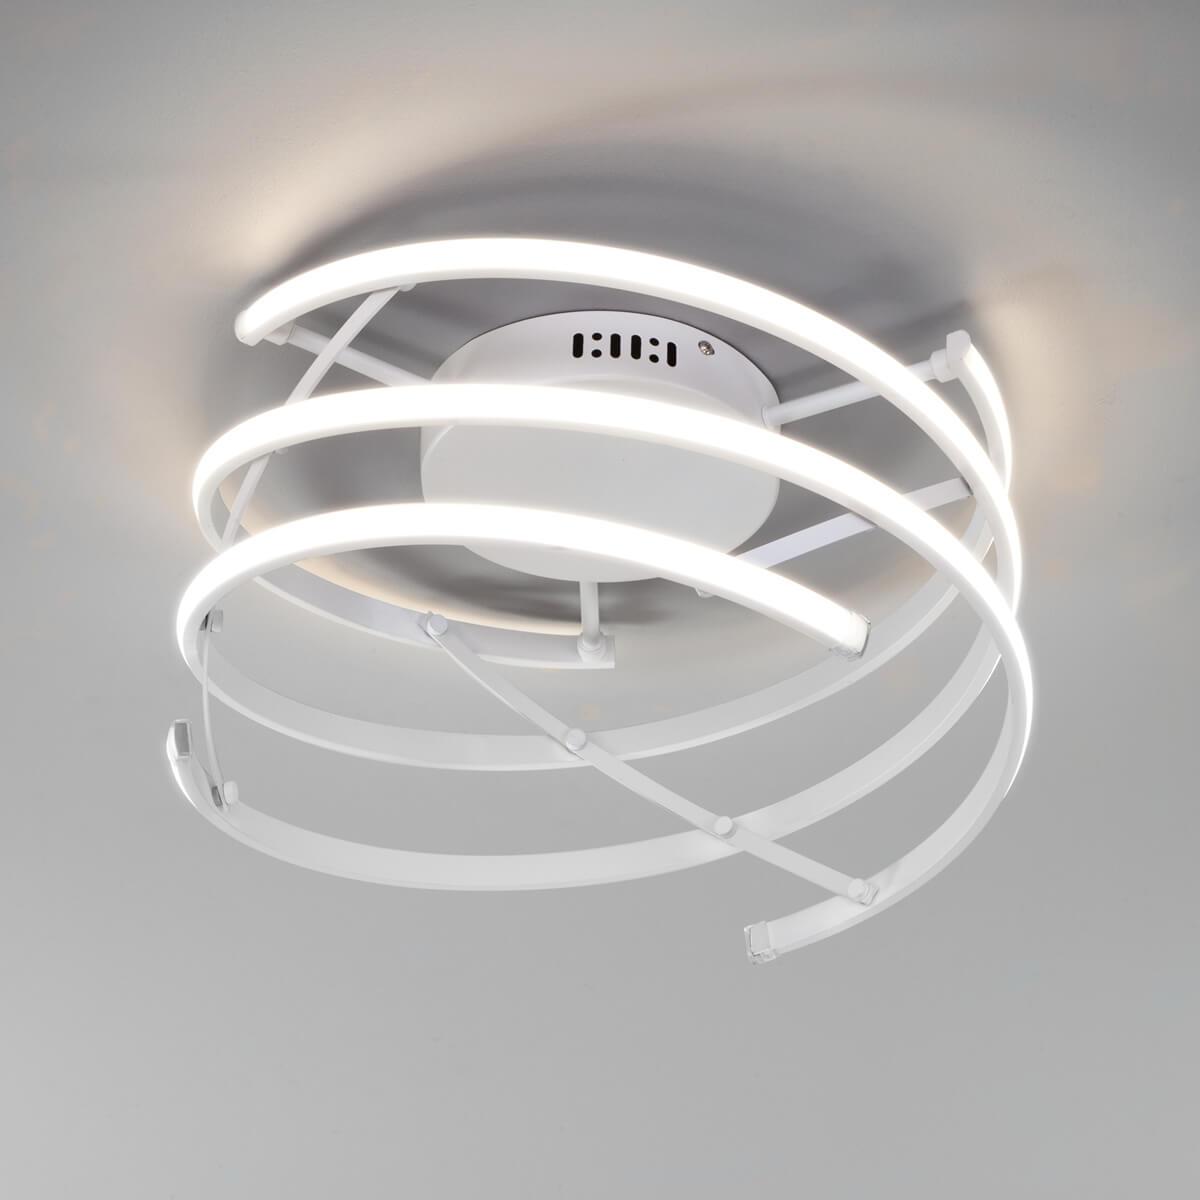 Фото - Светильник Eurosvet 90229/3 белый Breeze светильник eurosvet 90095 10 белый begonia